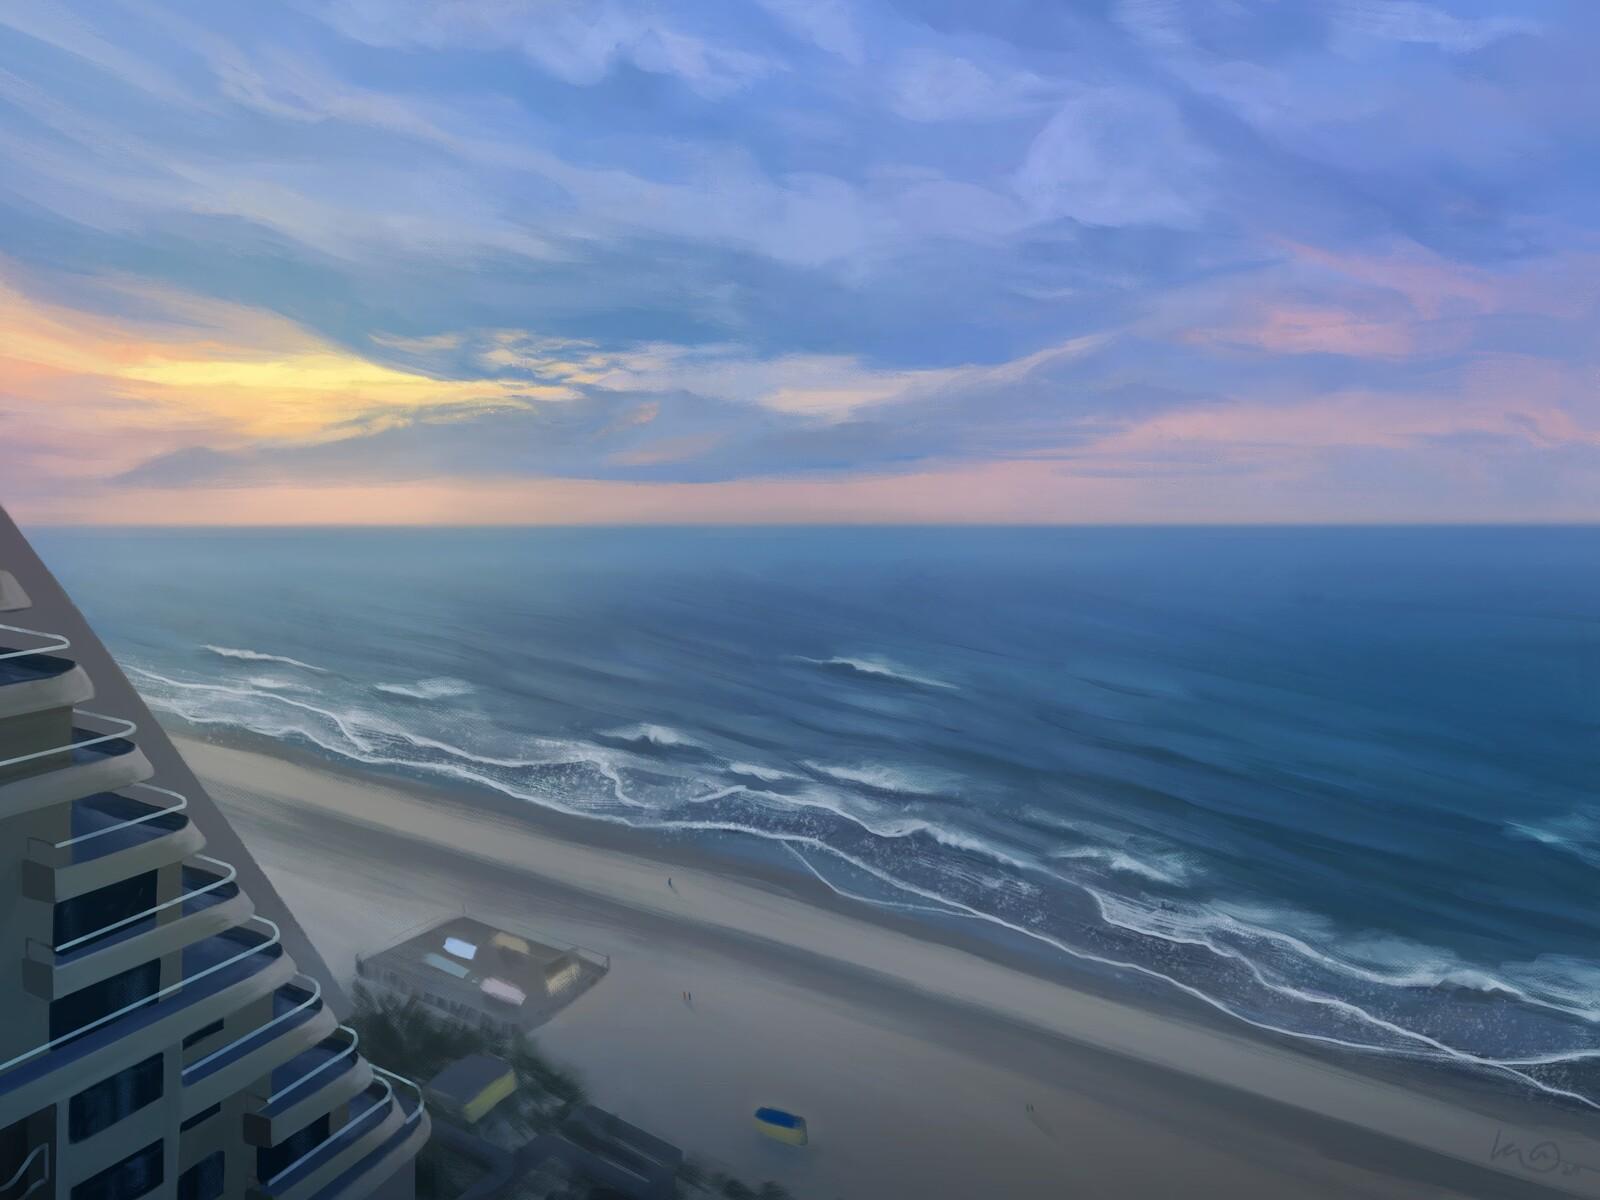 Ocean View, Part 1